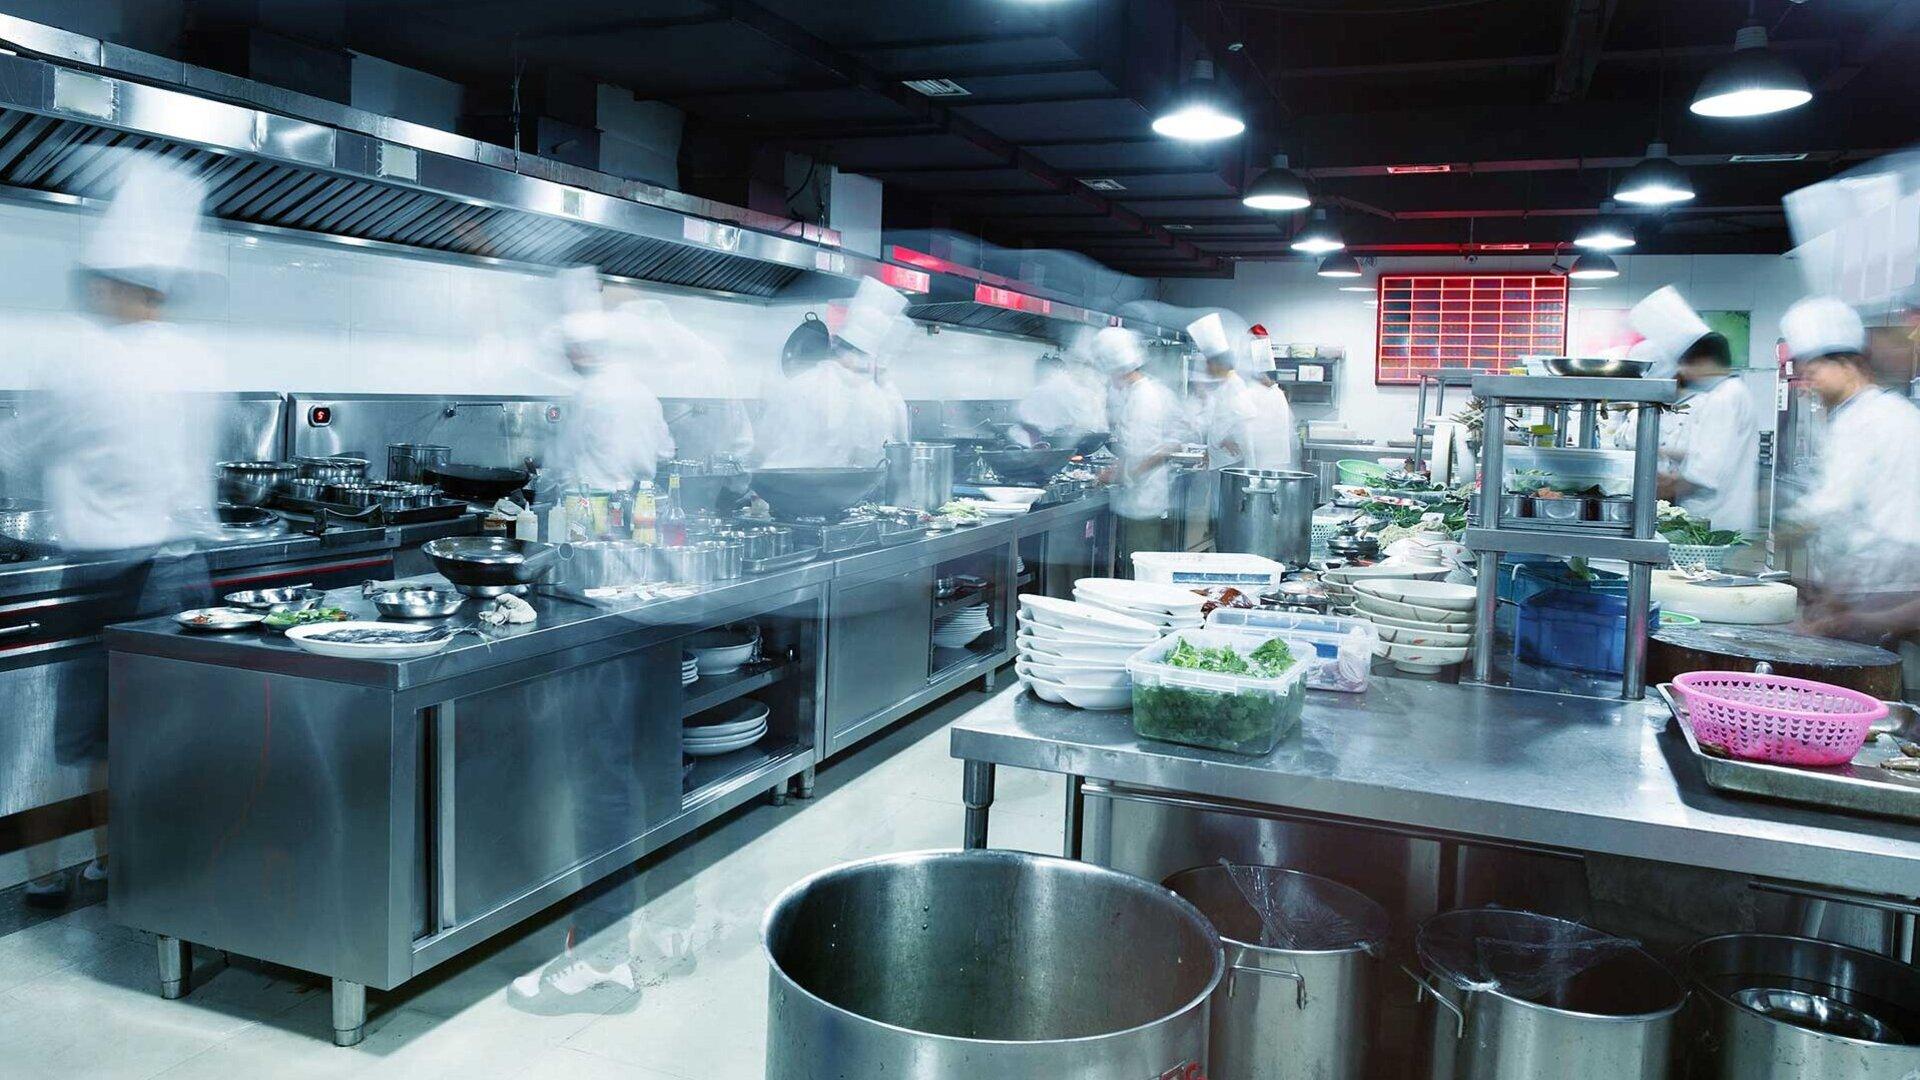 Zahlreiche Köche arbeiten in einer großen Gastroküche